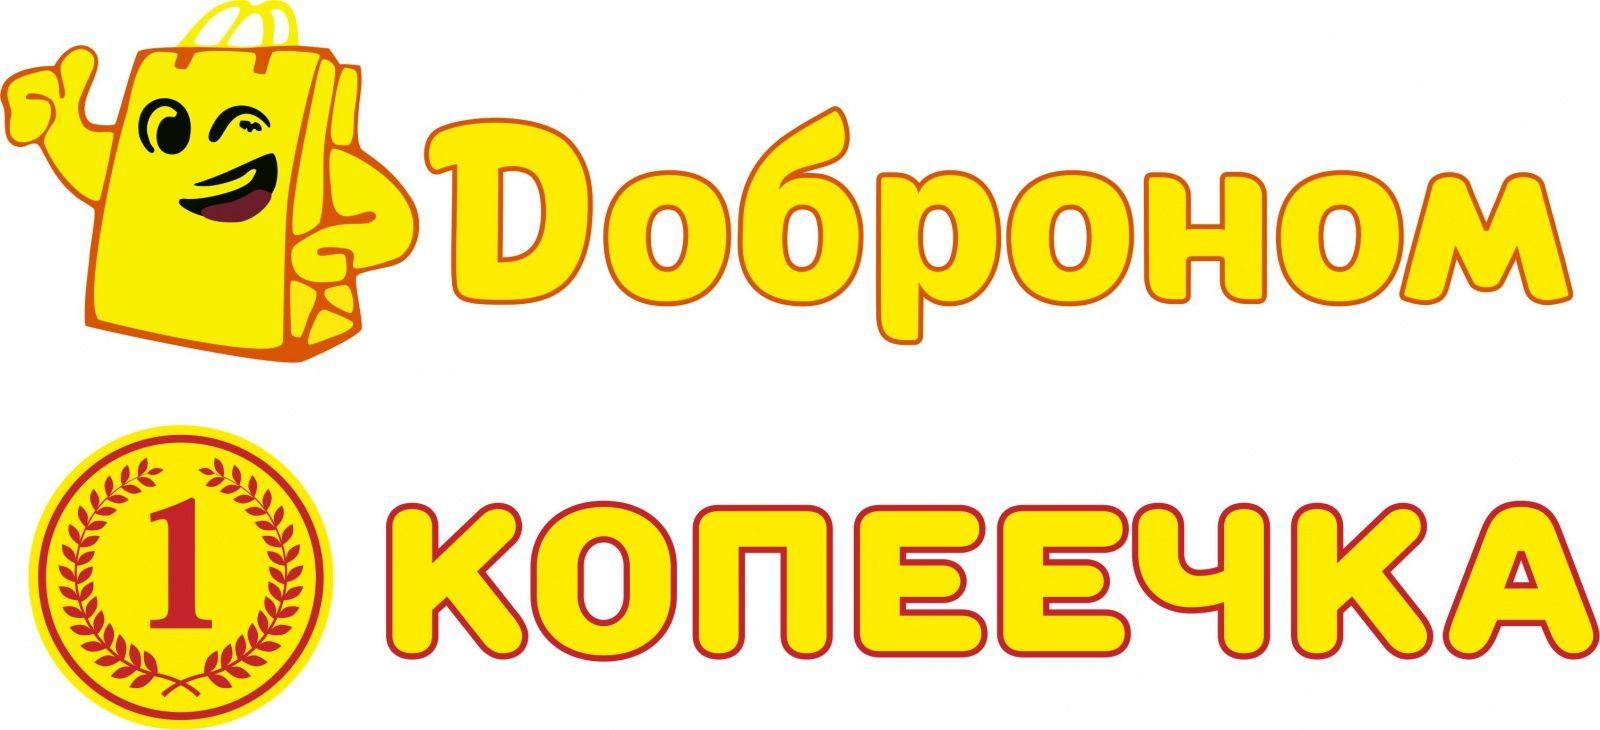 Скидки в магазине Копеечка г. Слуцк